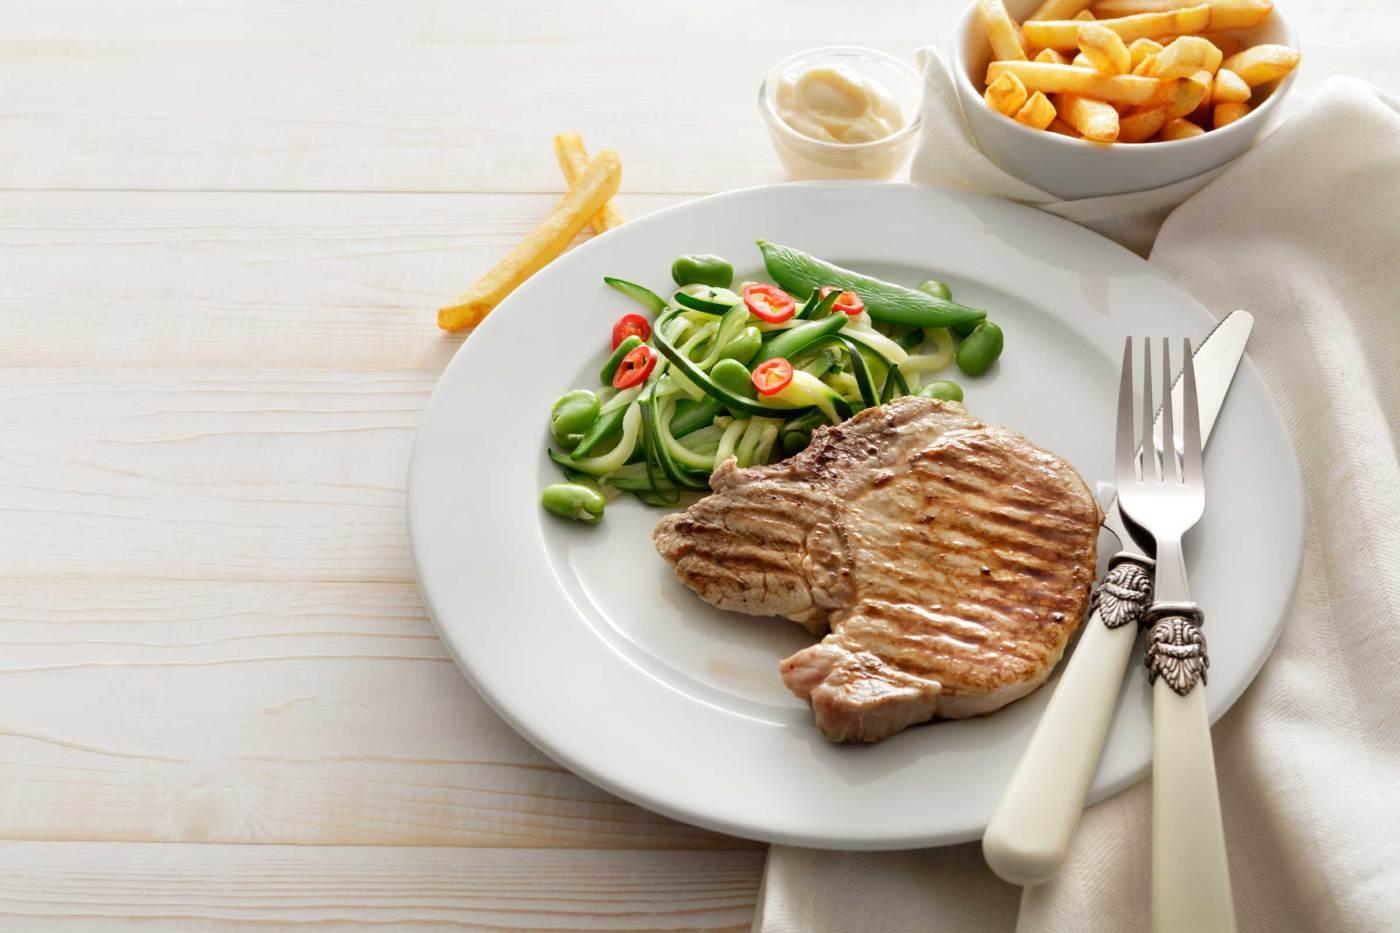 plato de comida para nuestras cenas